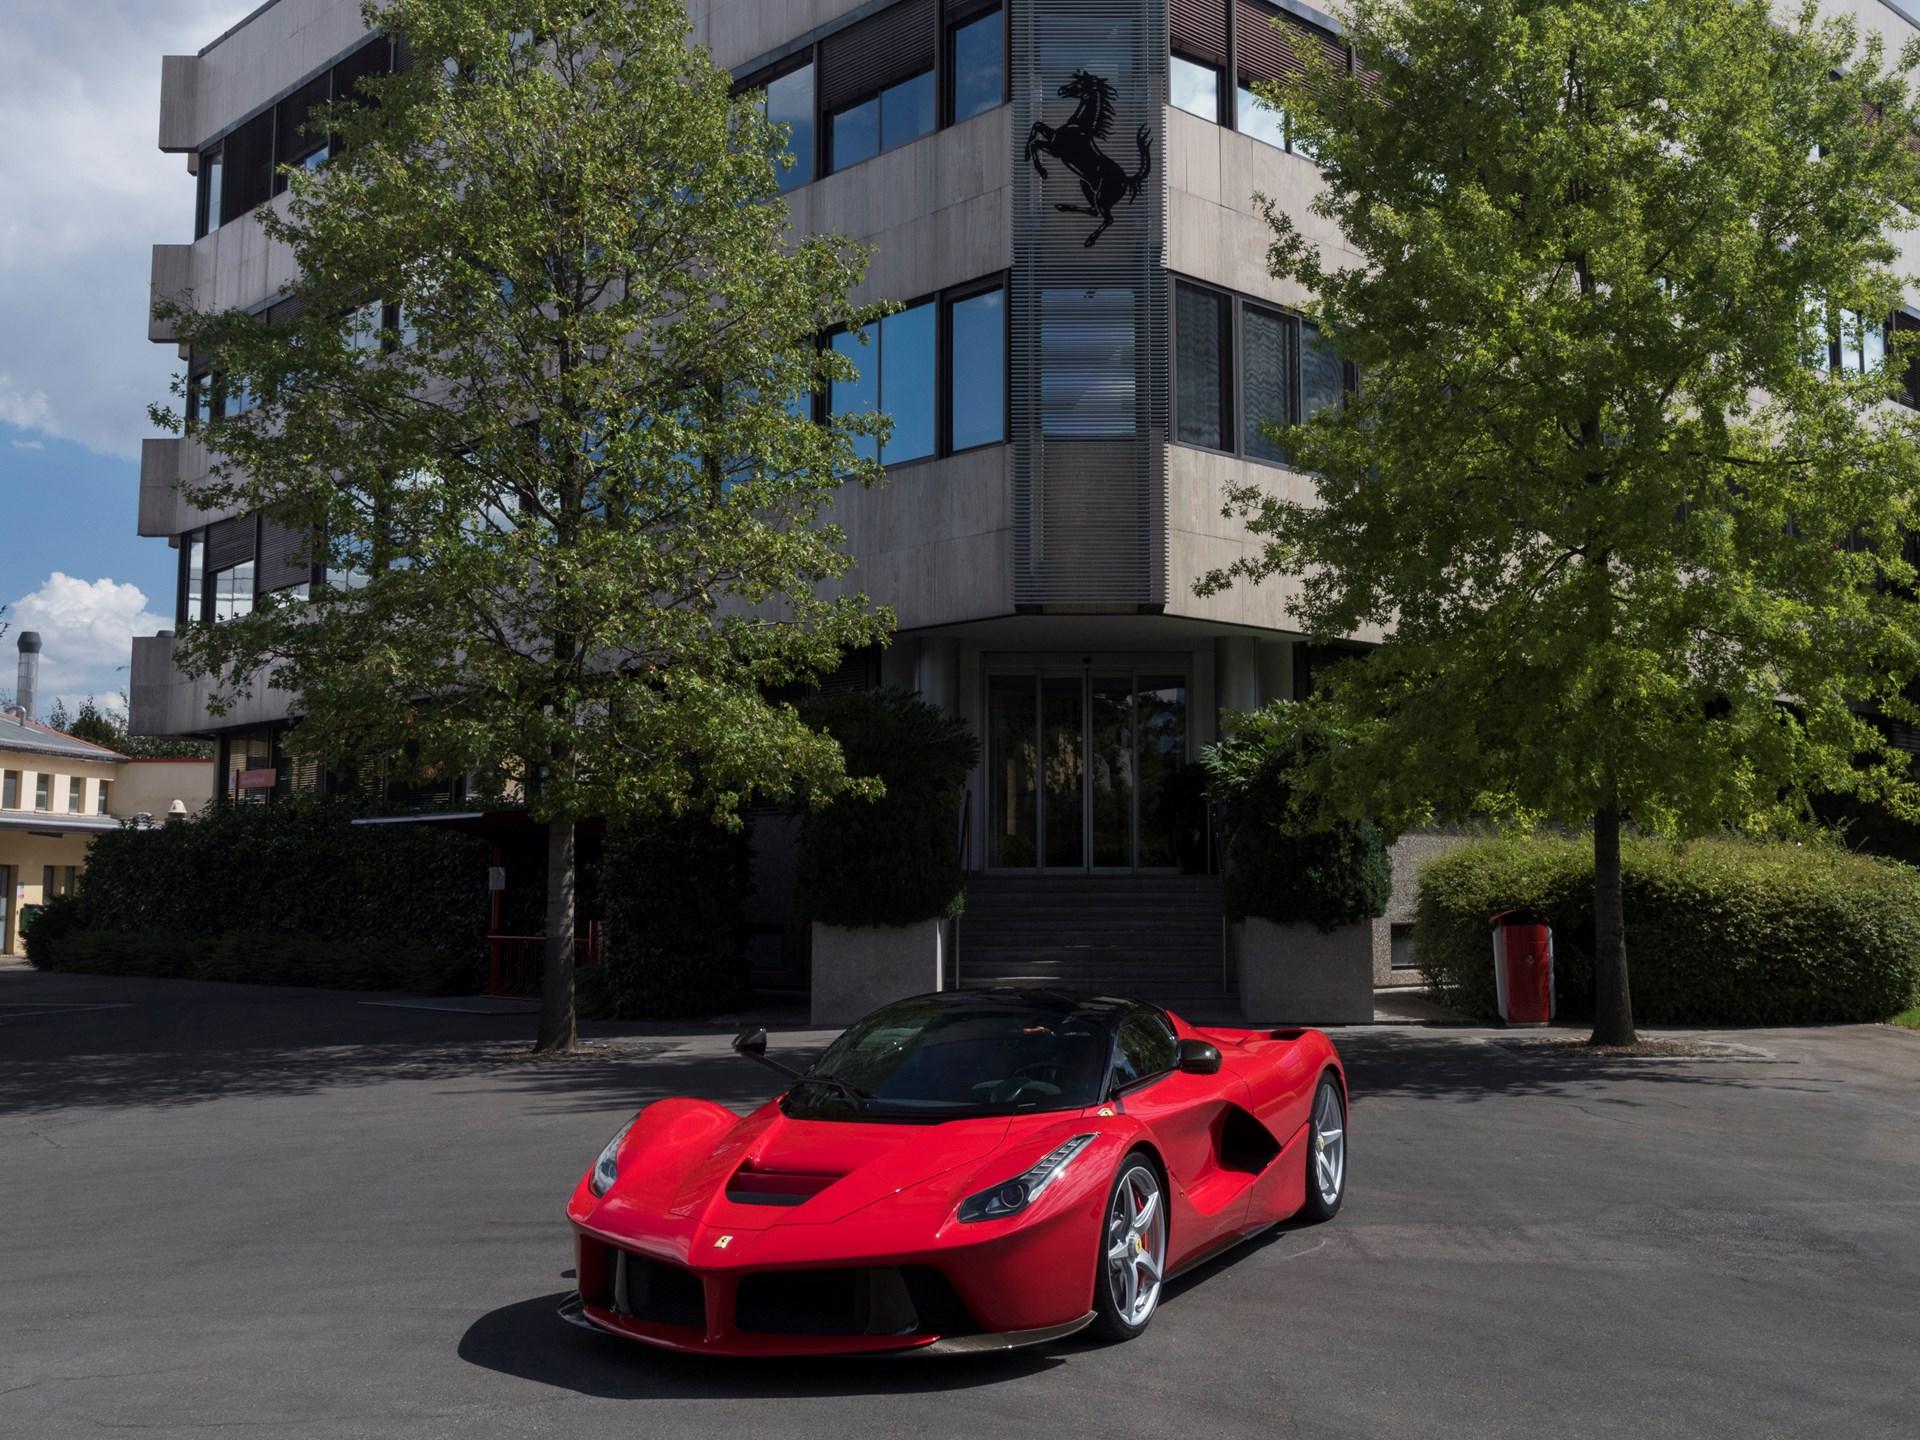 Ferrari LaFerrari AV1